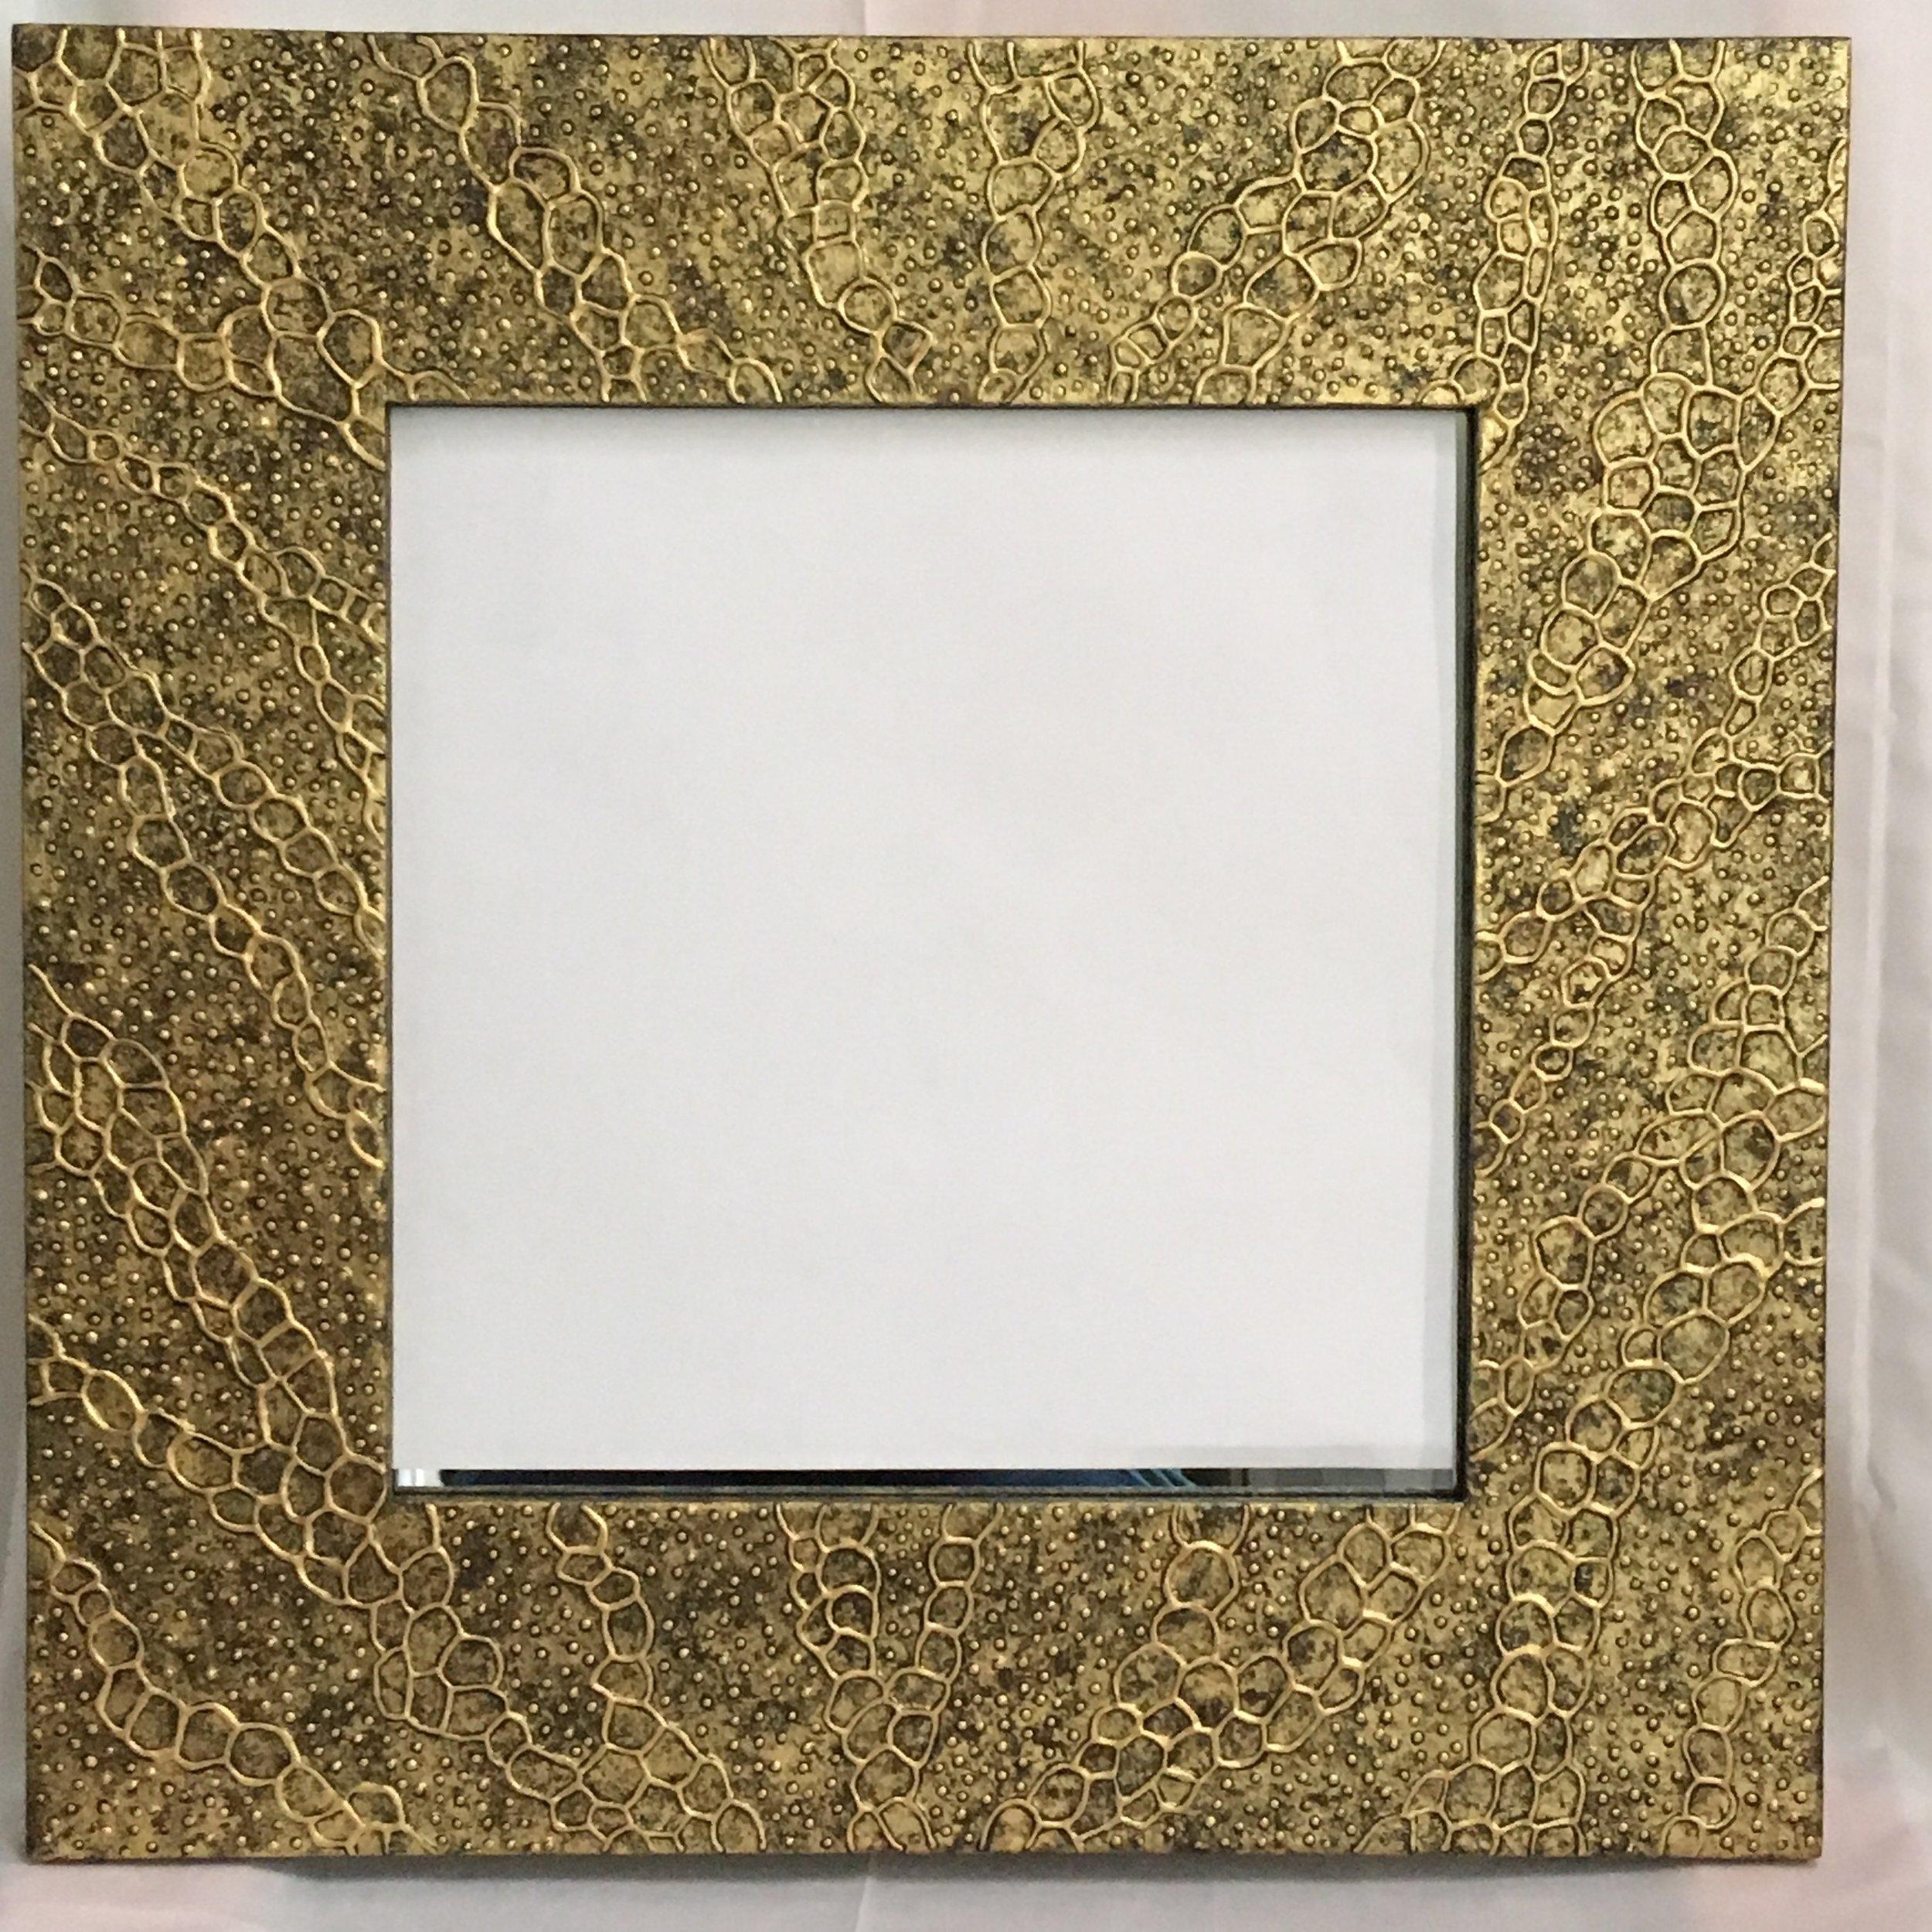 Adrienne Gonia, Textured Gold.JPG